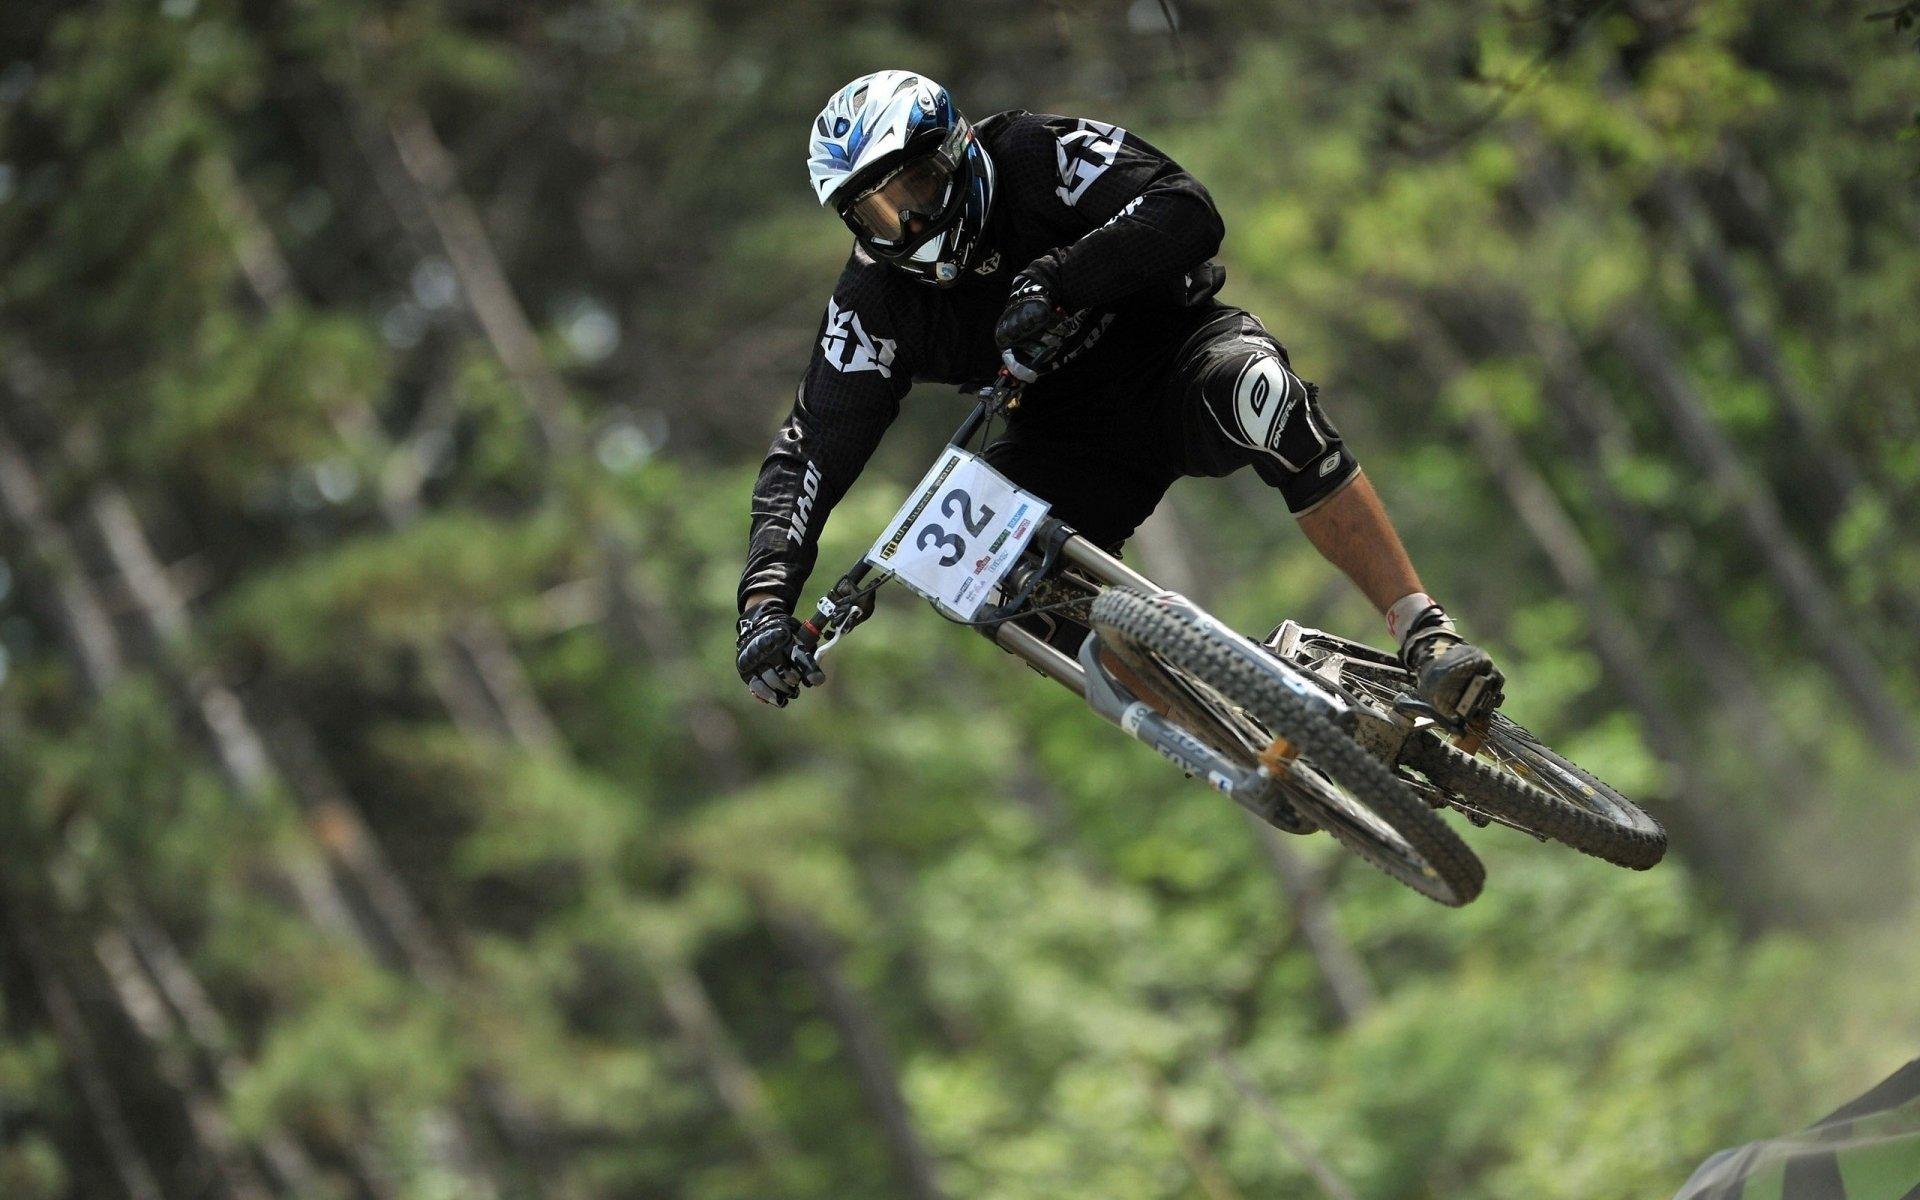 BMX Fondo De Pantalla HD